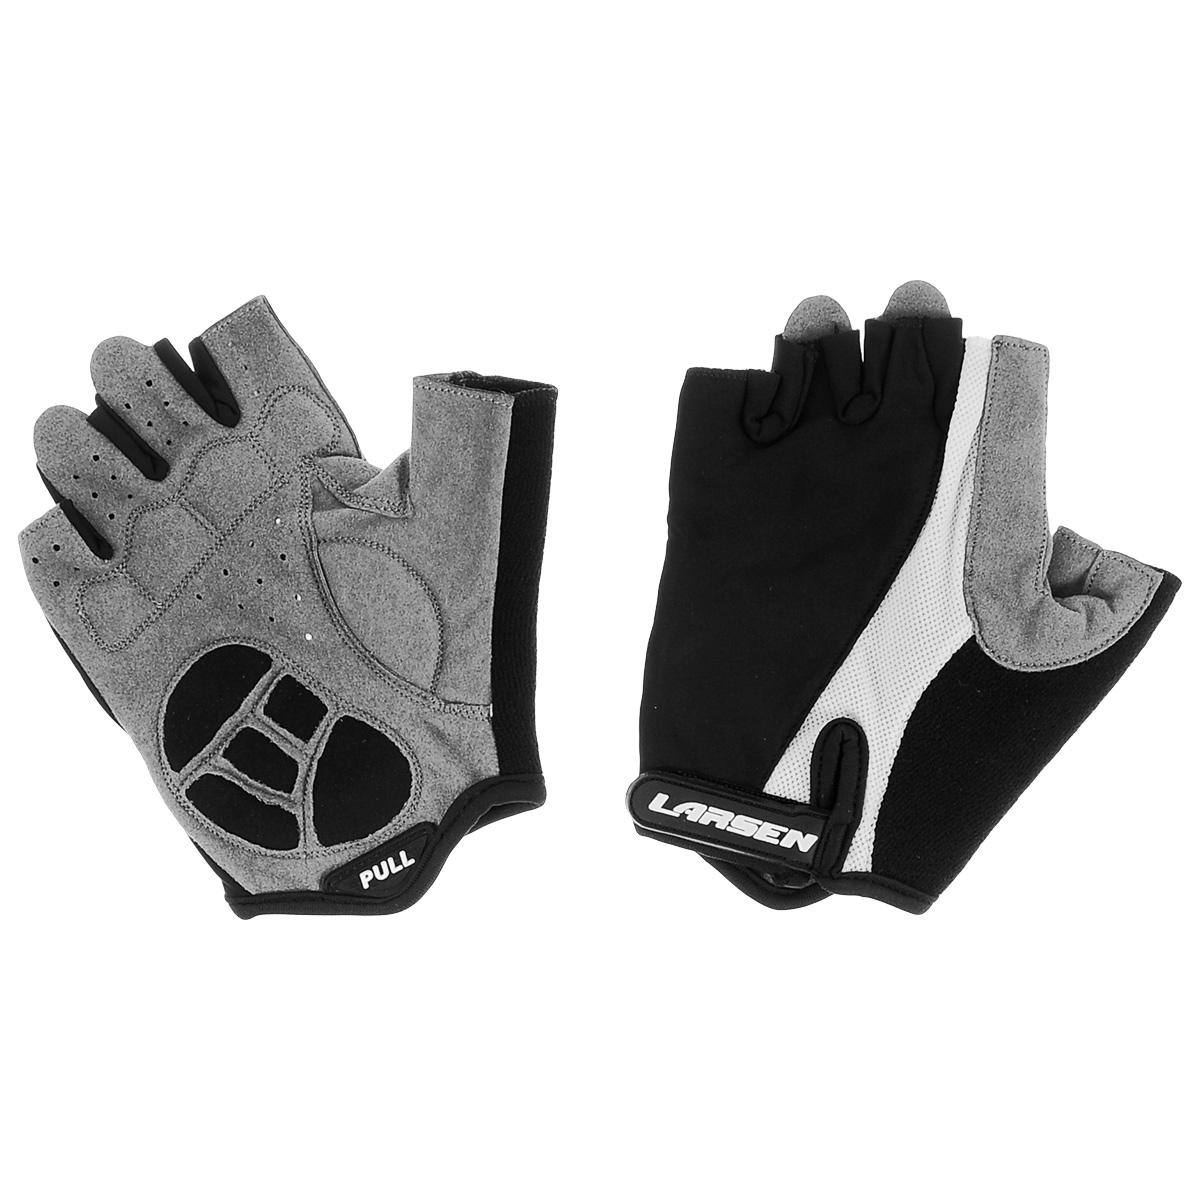 Велоперчатки Larsen, цвет: черный, серый, белый. Размер L. 01-1226RivaCase 7560 redВелоперчатки Larsen выполнены из высококачественного нейлона и амары. На ладонях расположены мягкие вставки для повышенного сцепления и системой Pull Off на пальцах. Застежка Velcro надежно фиксирует перчатки на руке. Сетка способствует хорошей вентиляции.